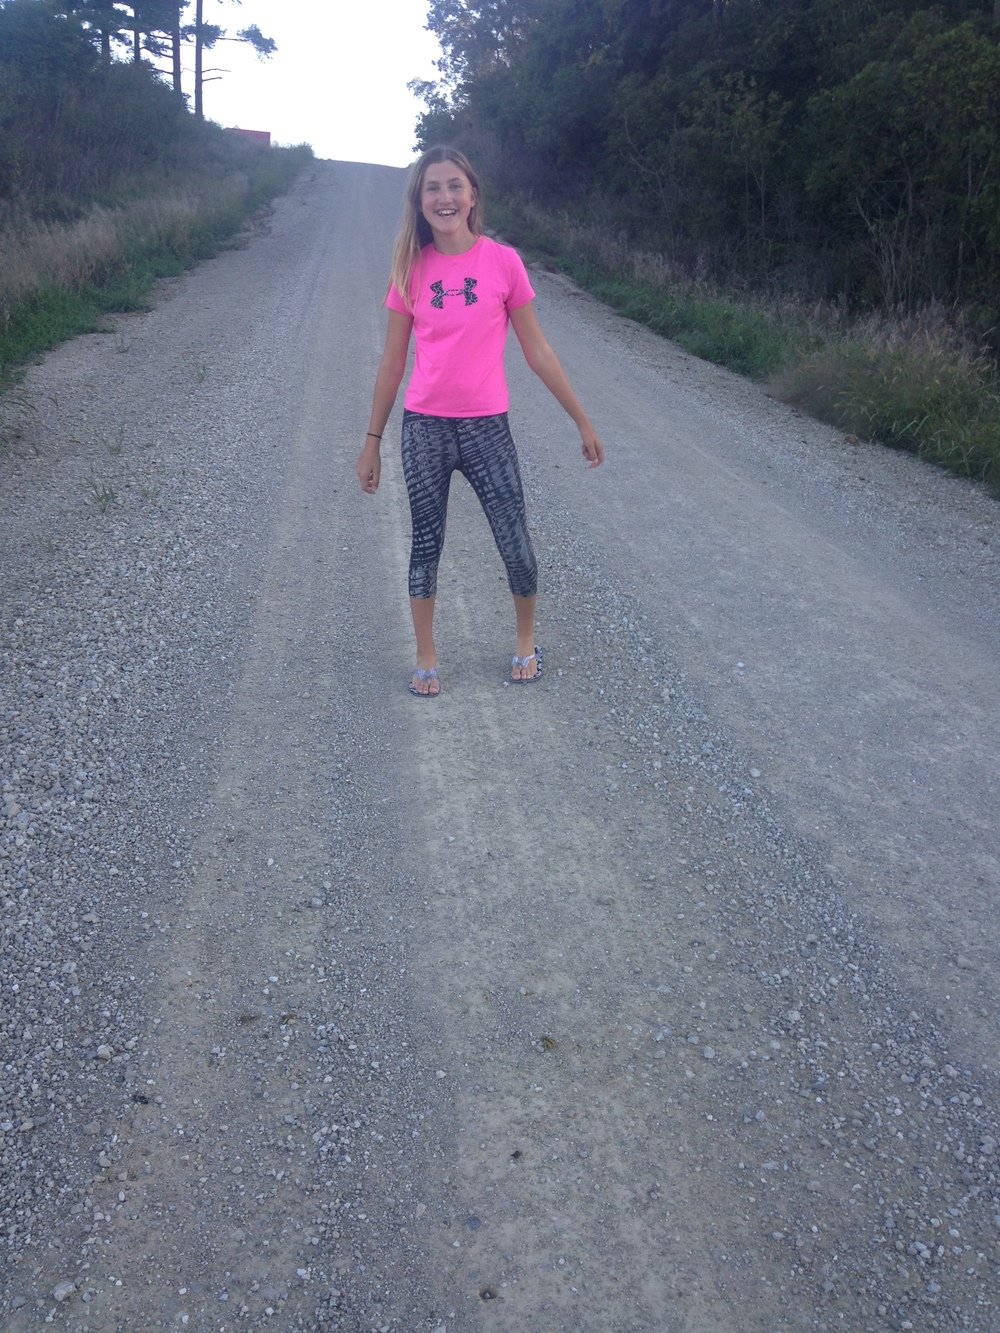 Ashlee-in-the-Road.jpg